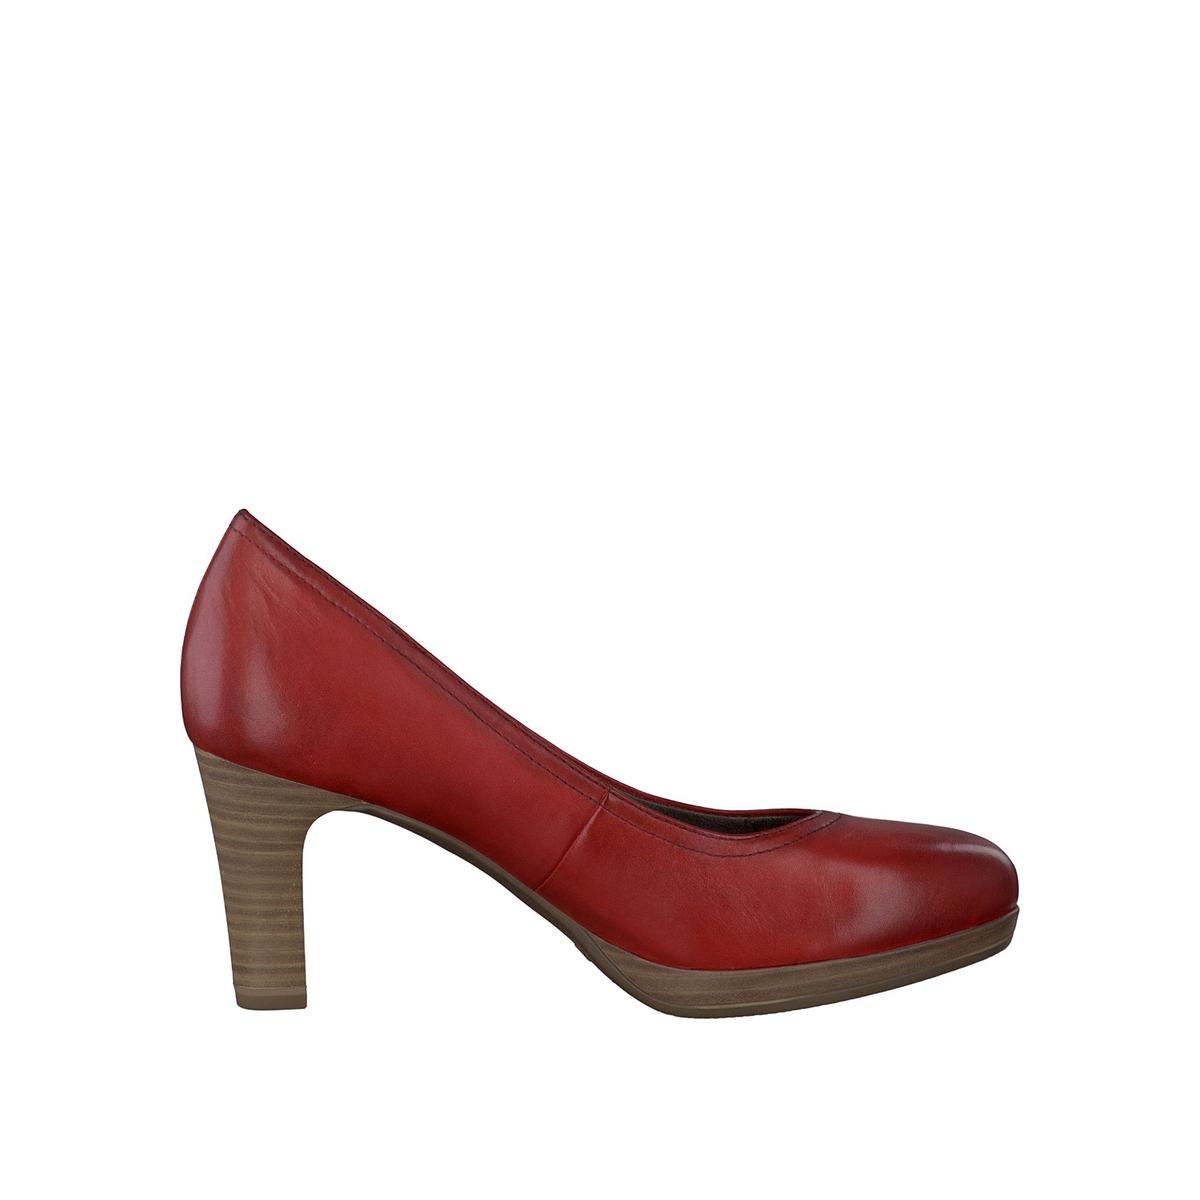 Туфли кожаные 22410-28Верх: кожа.   Подкладка: текстиль и синтетика.Стелька: синтетика.Подошва: синтетика.Высота каблука: 7 см.Форма каблука: тонкий каблук.    Мысок: закругленный.Застежка: без застежки.<br><br>Цвет: красный,синий деним,черный<br>Размер: 38.39.40.40